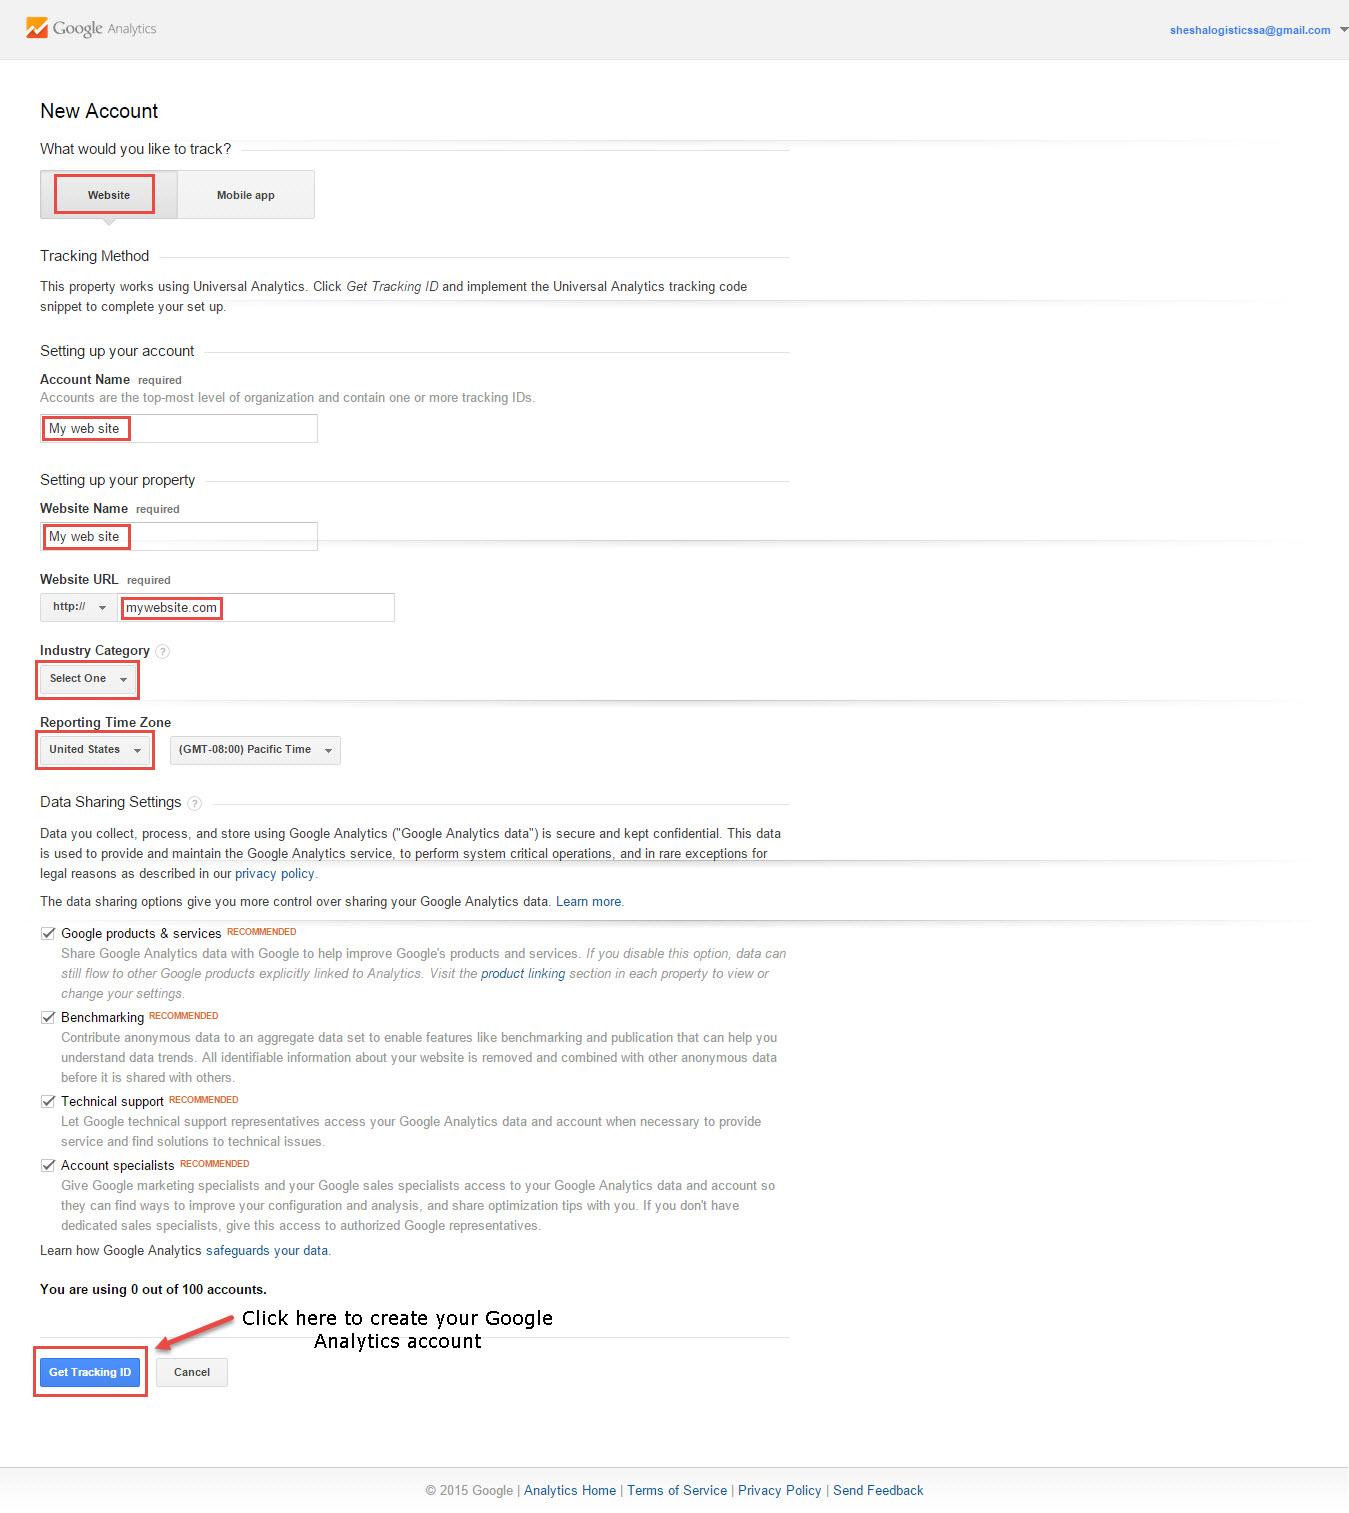 google-analytics-create-account